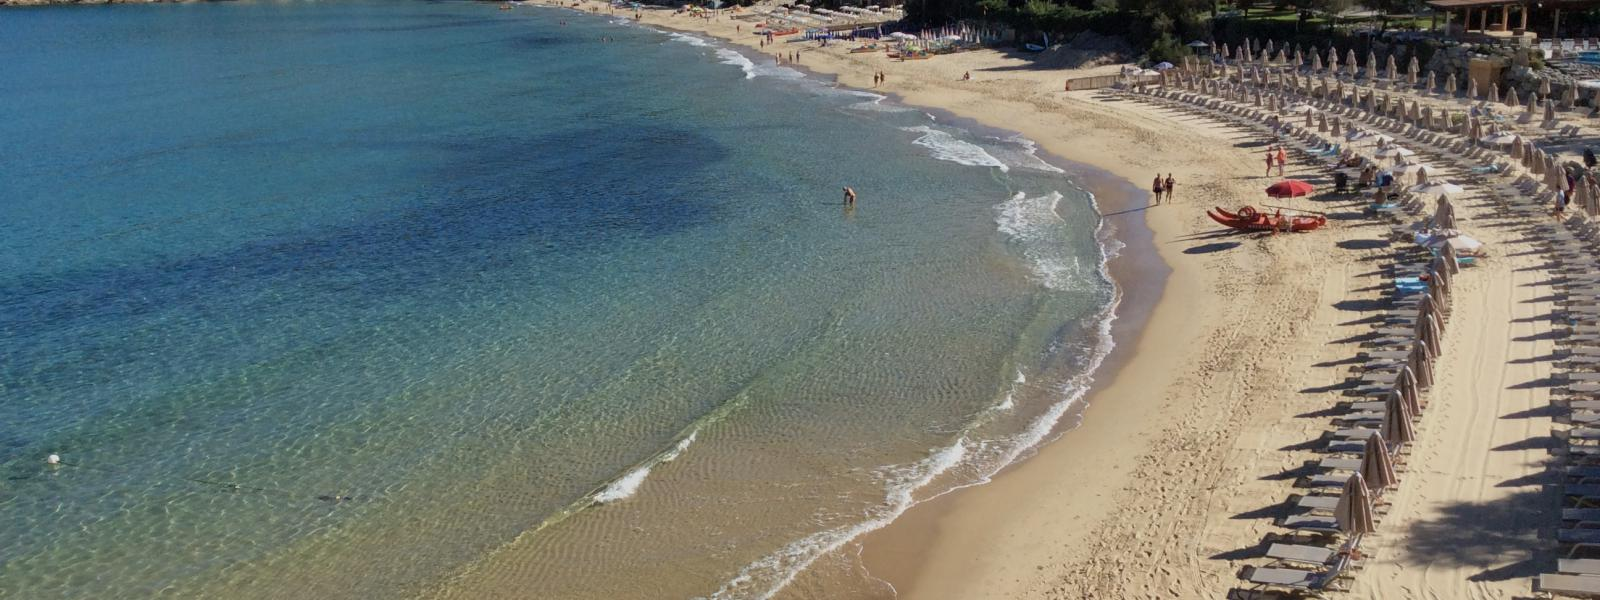 prachtige baaien op Elba